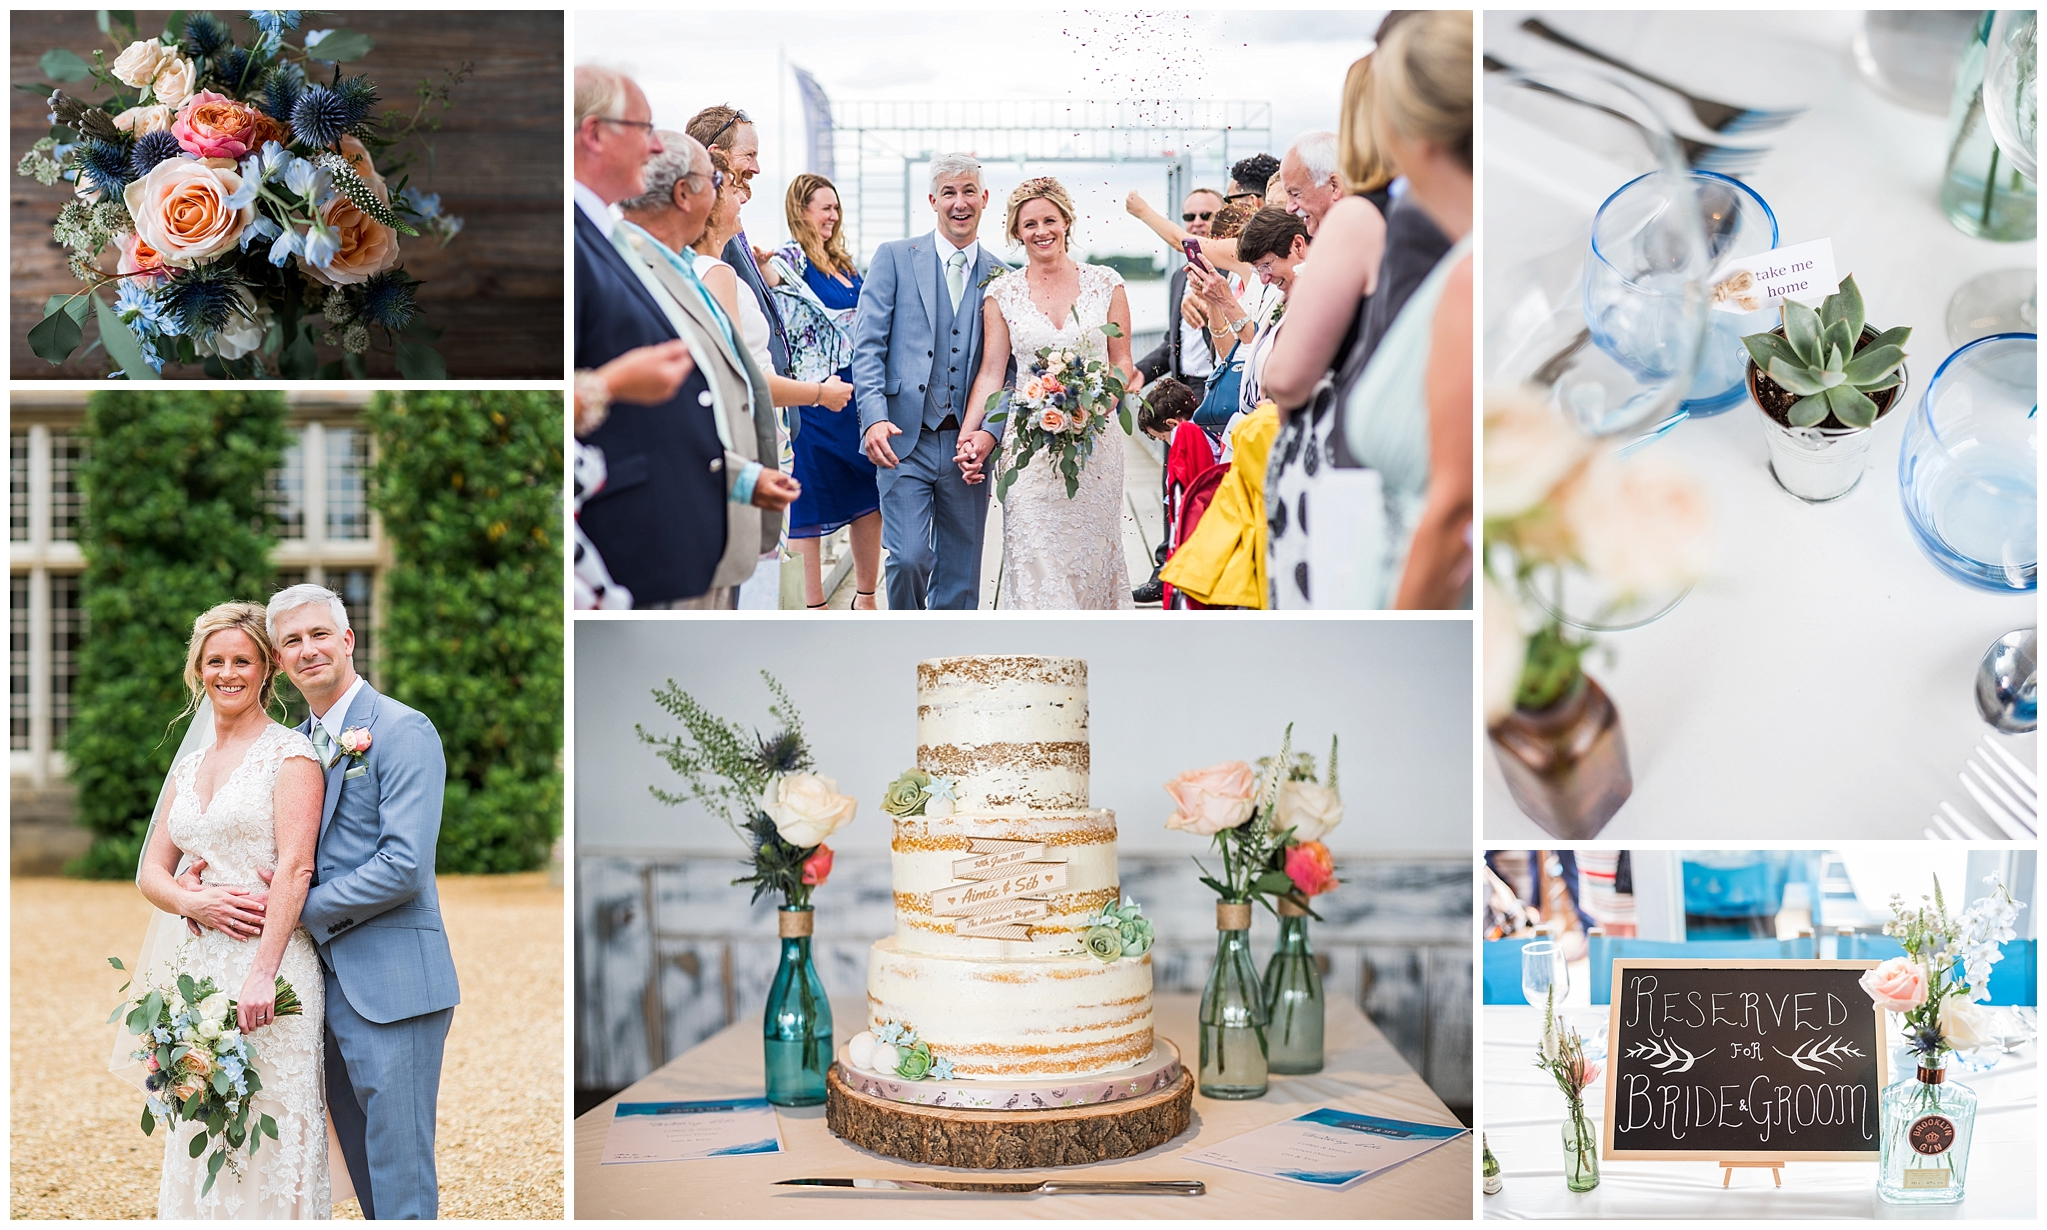 Newly weds walk through confetti